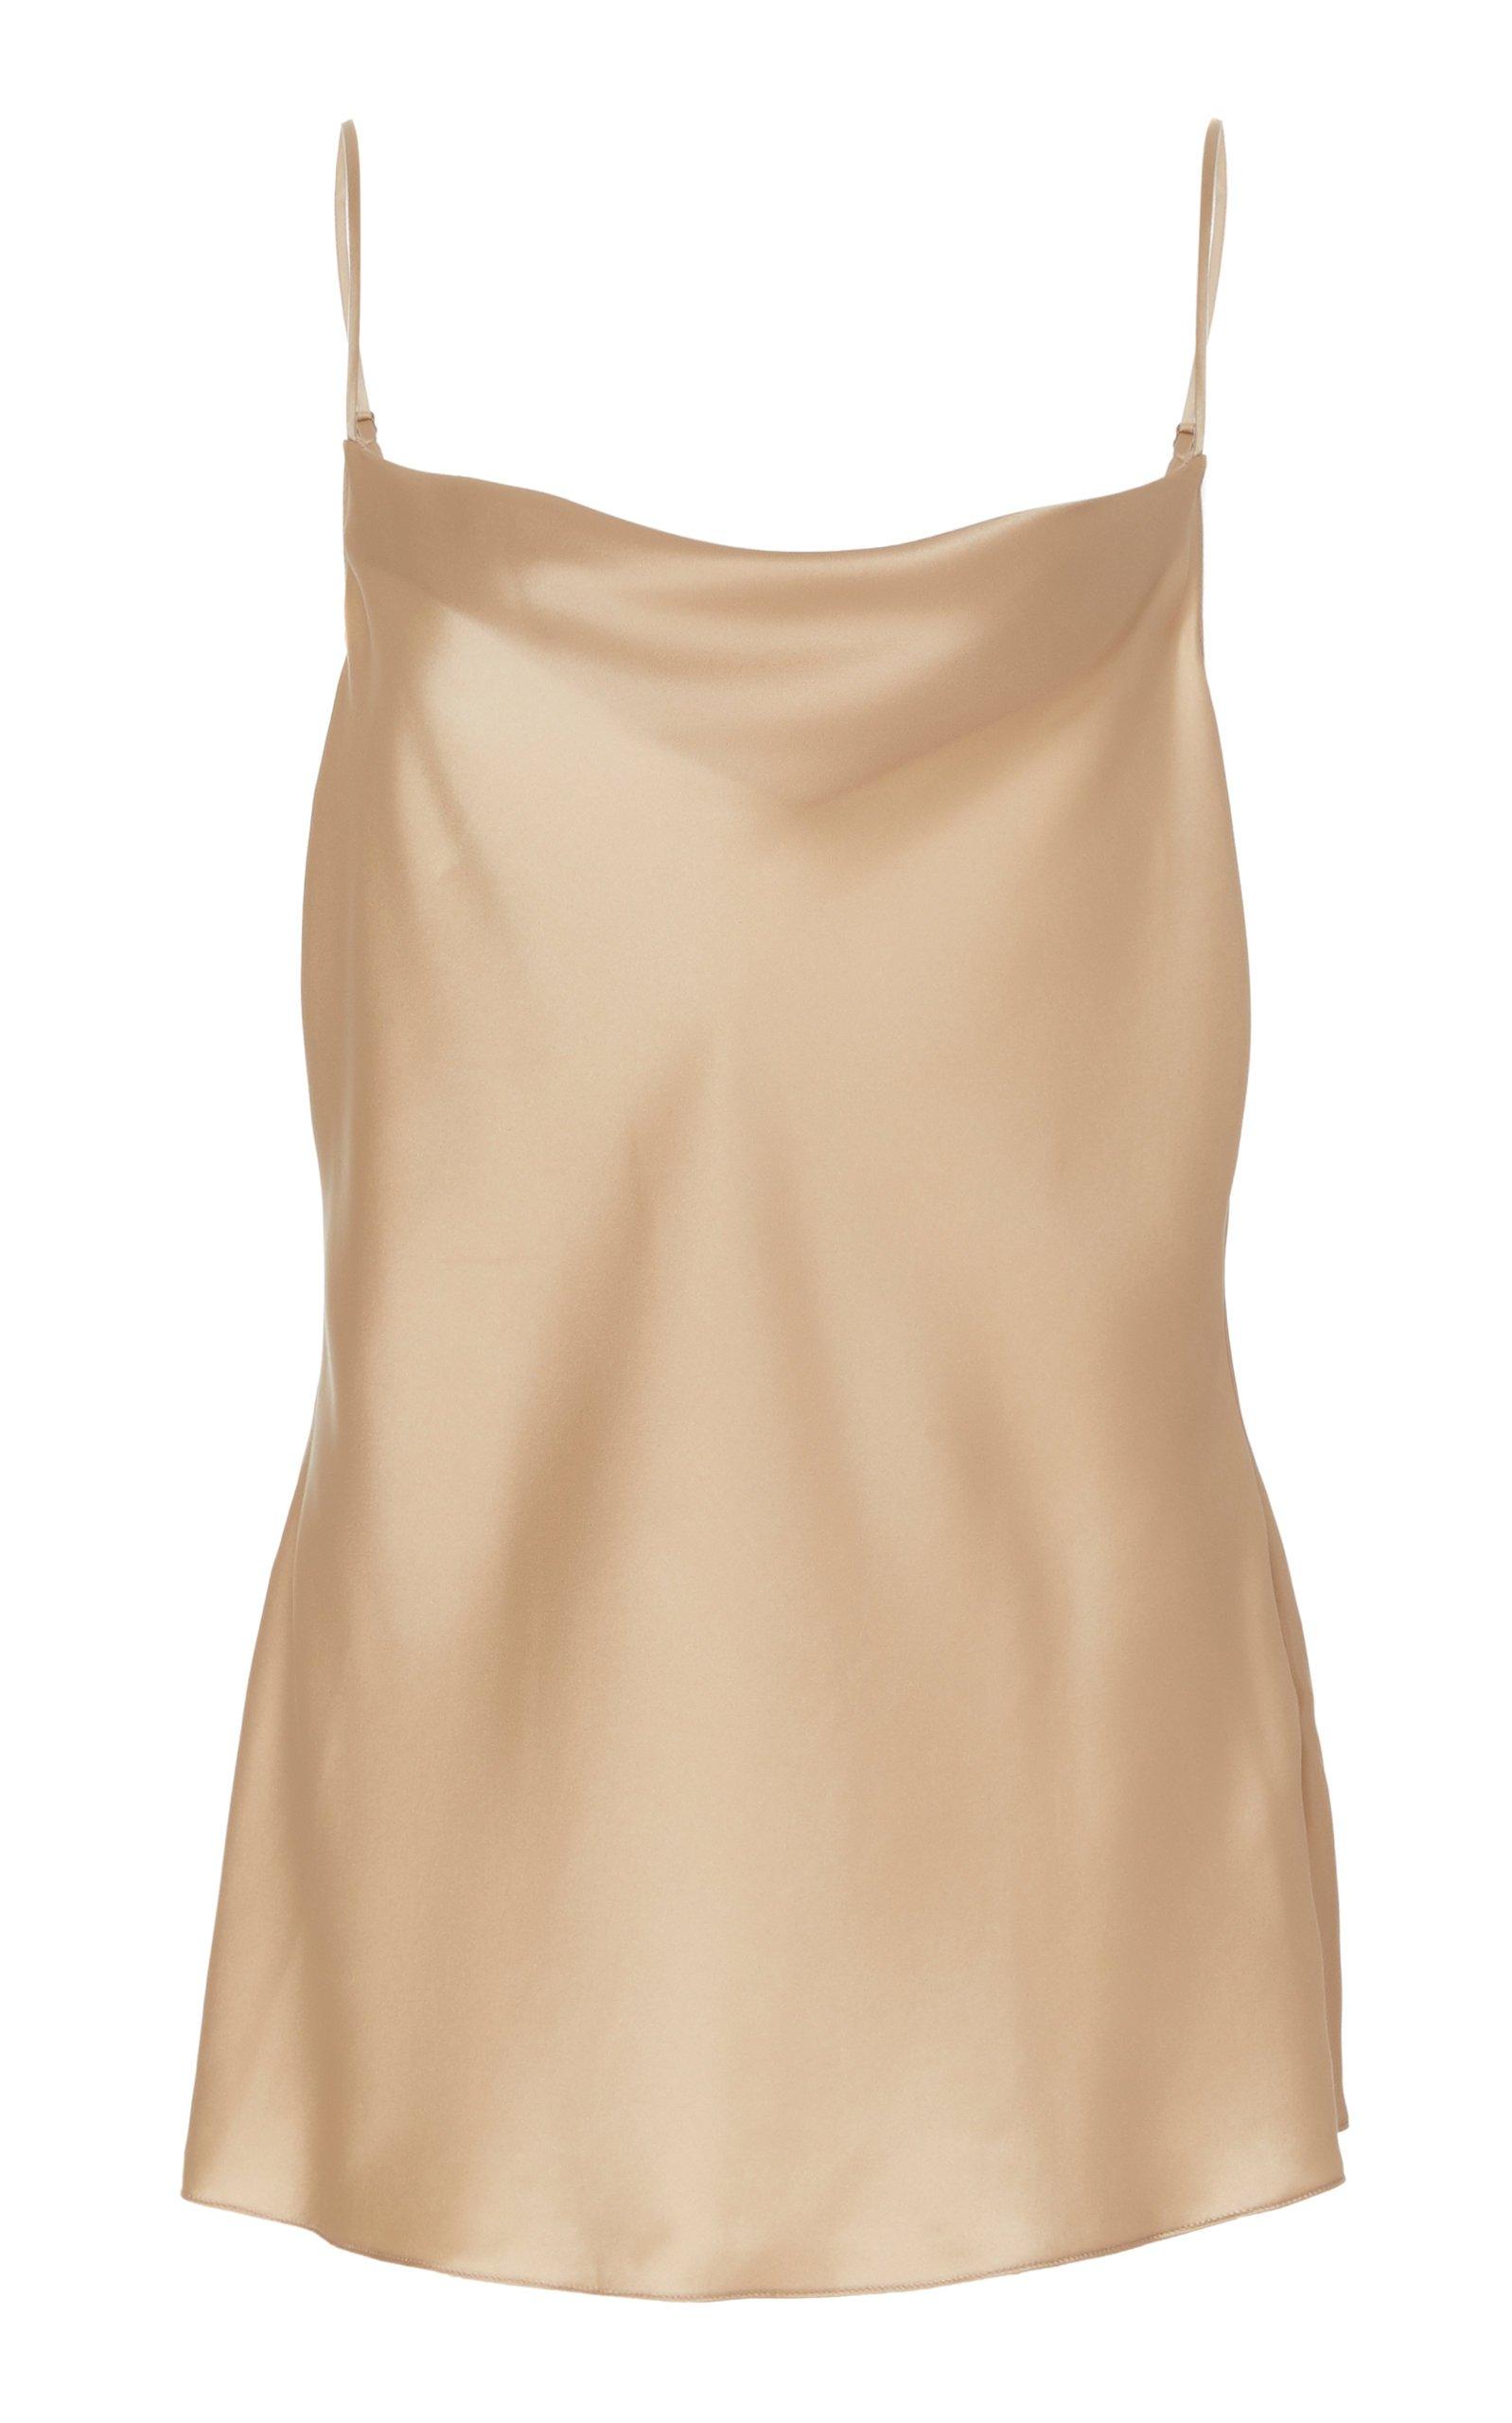 NILI LOTAN Gemma Silk Top Size: S